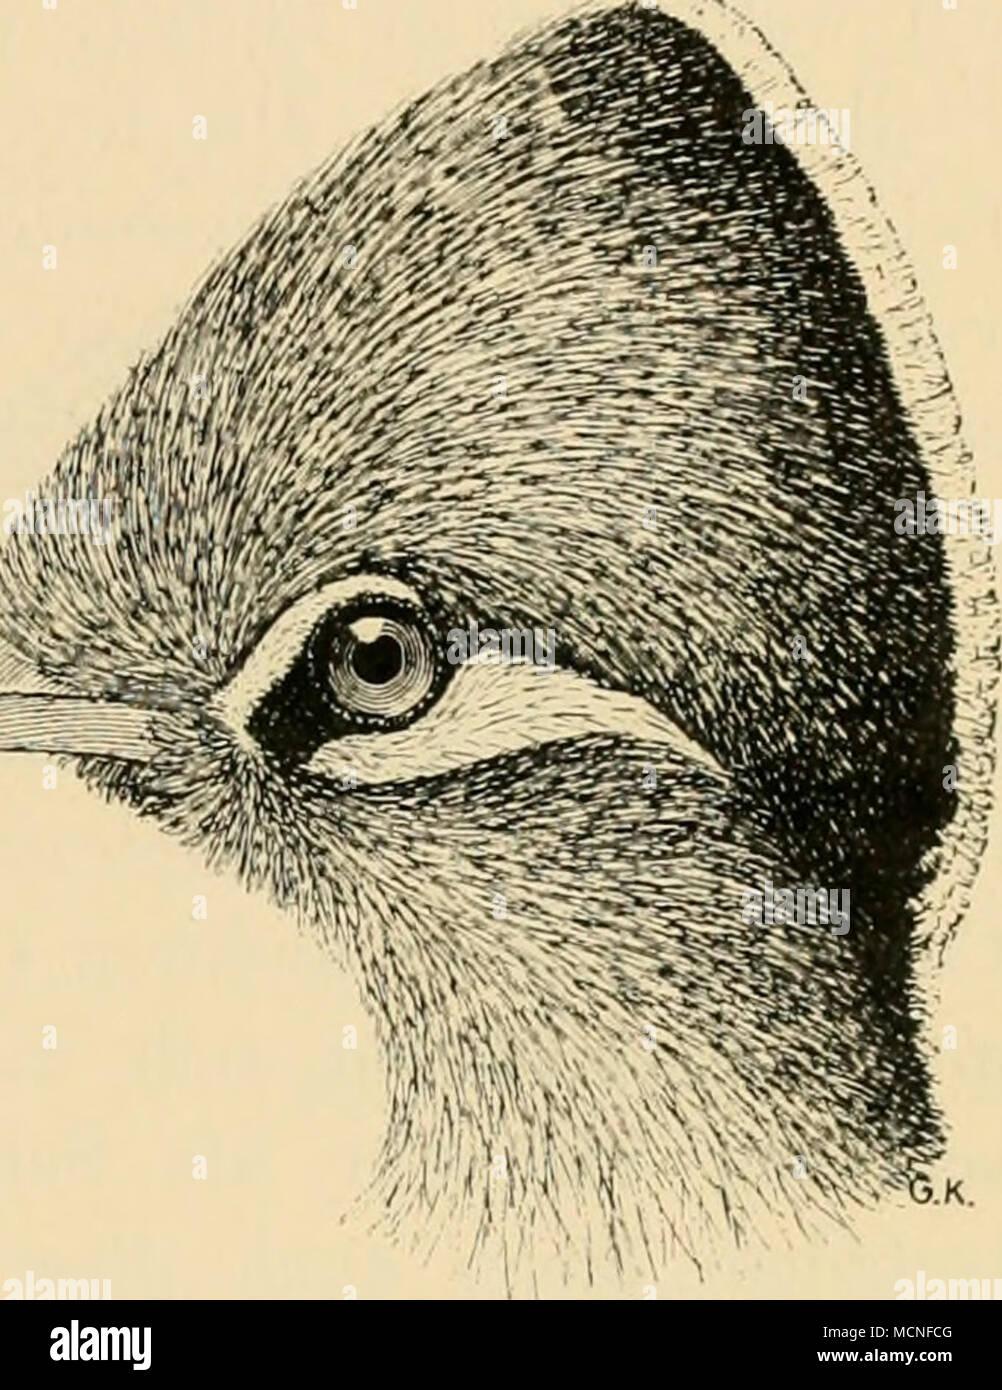 . 65. Familie: Cuculidae. Kuckucke. Vierte Zehe wie die erste rückwärts gerichtet, bald kaum länger als zweite, oft fast so lang wie dritte; die beiden Vorderzehen unver- bunden, an der Wurzel wenig verwachsen oder durch eine kurze Hefthaut verbunden; Schnabel hakig gebogen oder doch an der Spitze mit einem Haken versehen. Schneiden ganzrandig, nicht gezähnelt (Ausnahme Scj- throps), Nasenlöcher bald rundlich, oval oder schlitzförmig und frei in der Schnabeldecke liegend, bald in kurzen Röhrenansätzen, immer näher der Schnabelschneide als der Firste gelegen, was besonders be- - Stock Image